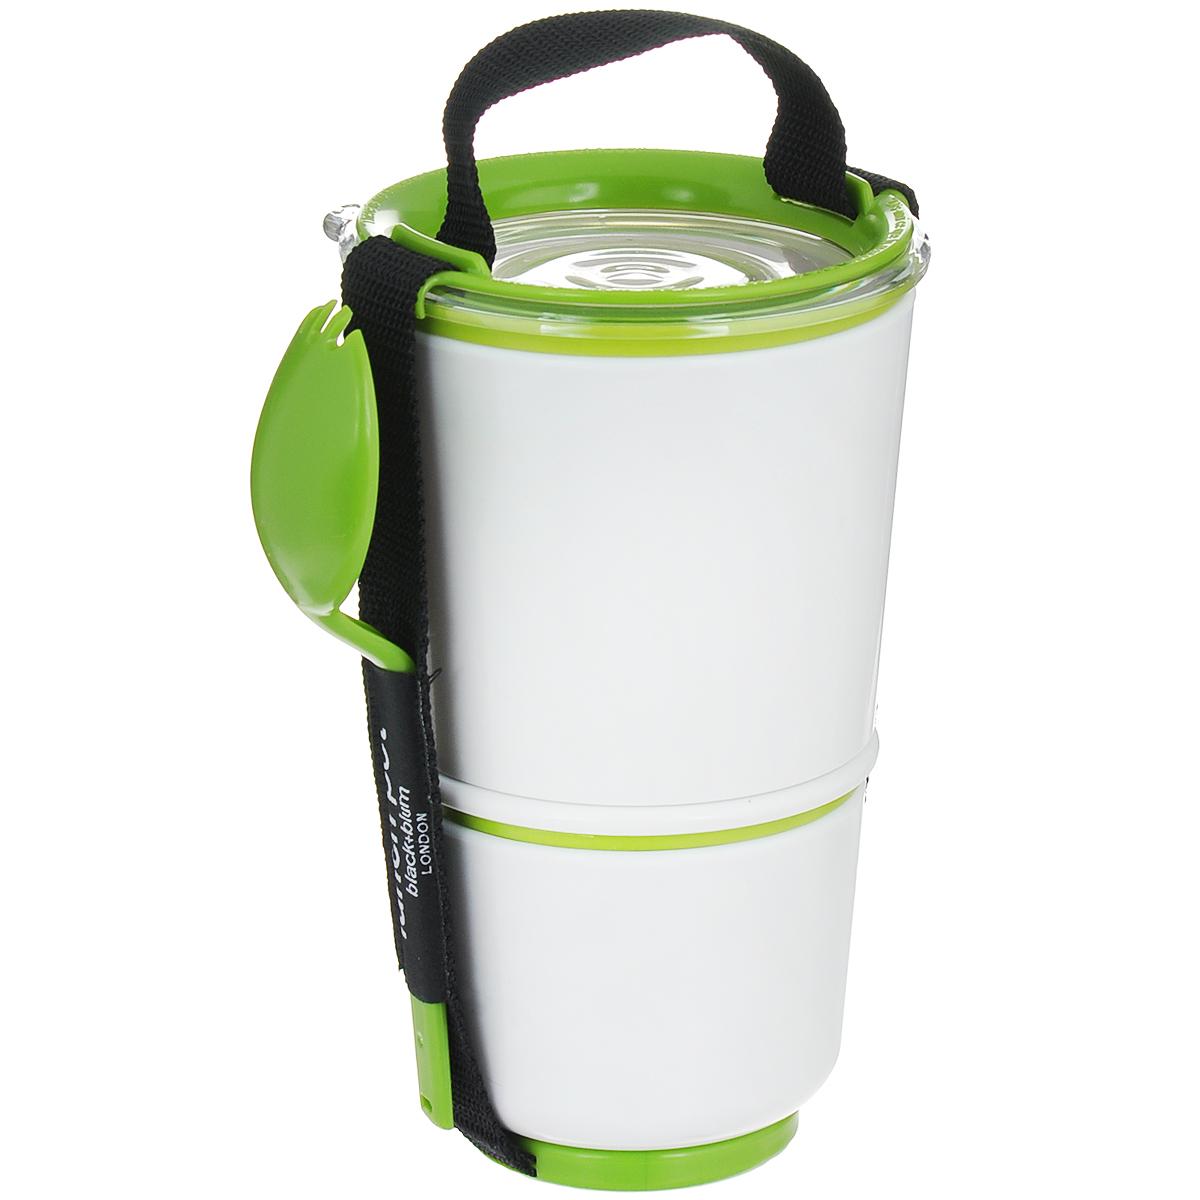 Ланч-бокс Black+Blum Lunch Pot, цвет: белый, зеленый, высота 19 смBP001Ланч-бокс Black+Blum Lunch Pot изготовлен из высококачественного пищевого пластика, устойчивого к нагреванию. Изделие представляет собой 2 круглых контейнера, предназначенных для хранения пищи и жидкости. Контейнеры оснащены герметичными крышками с надежной защитой от протечек, это позволяет взять с собой суп. В комплекте имеется текстильный ремешок с ручкой и пластиковая ложка-вилка.Благодаря компактным размерам, ланч-бокс поместится даже в дамскую сумочку, а также позволит взять с собой полноценный обед из первого и второго блюда.Можно использовать в микроволновой печи и мыть в посудомоечной машине.